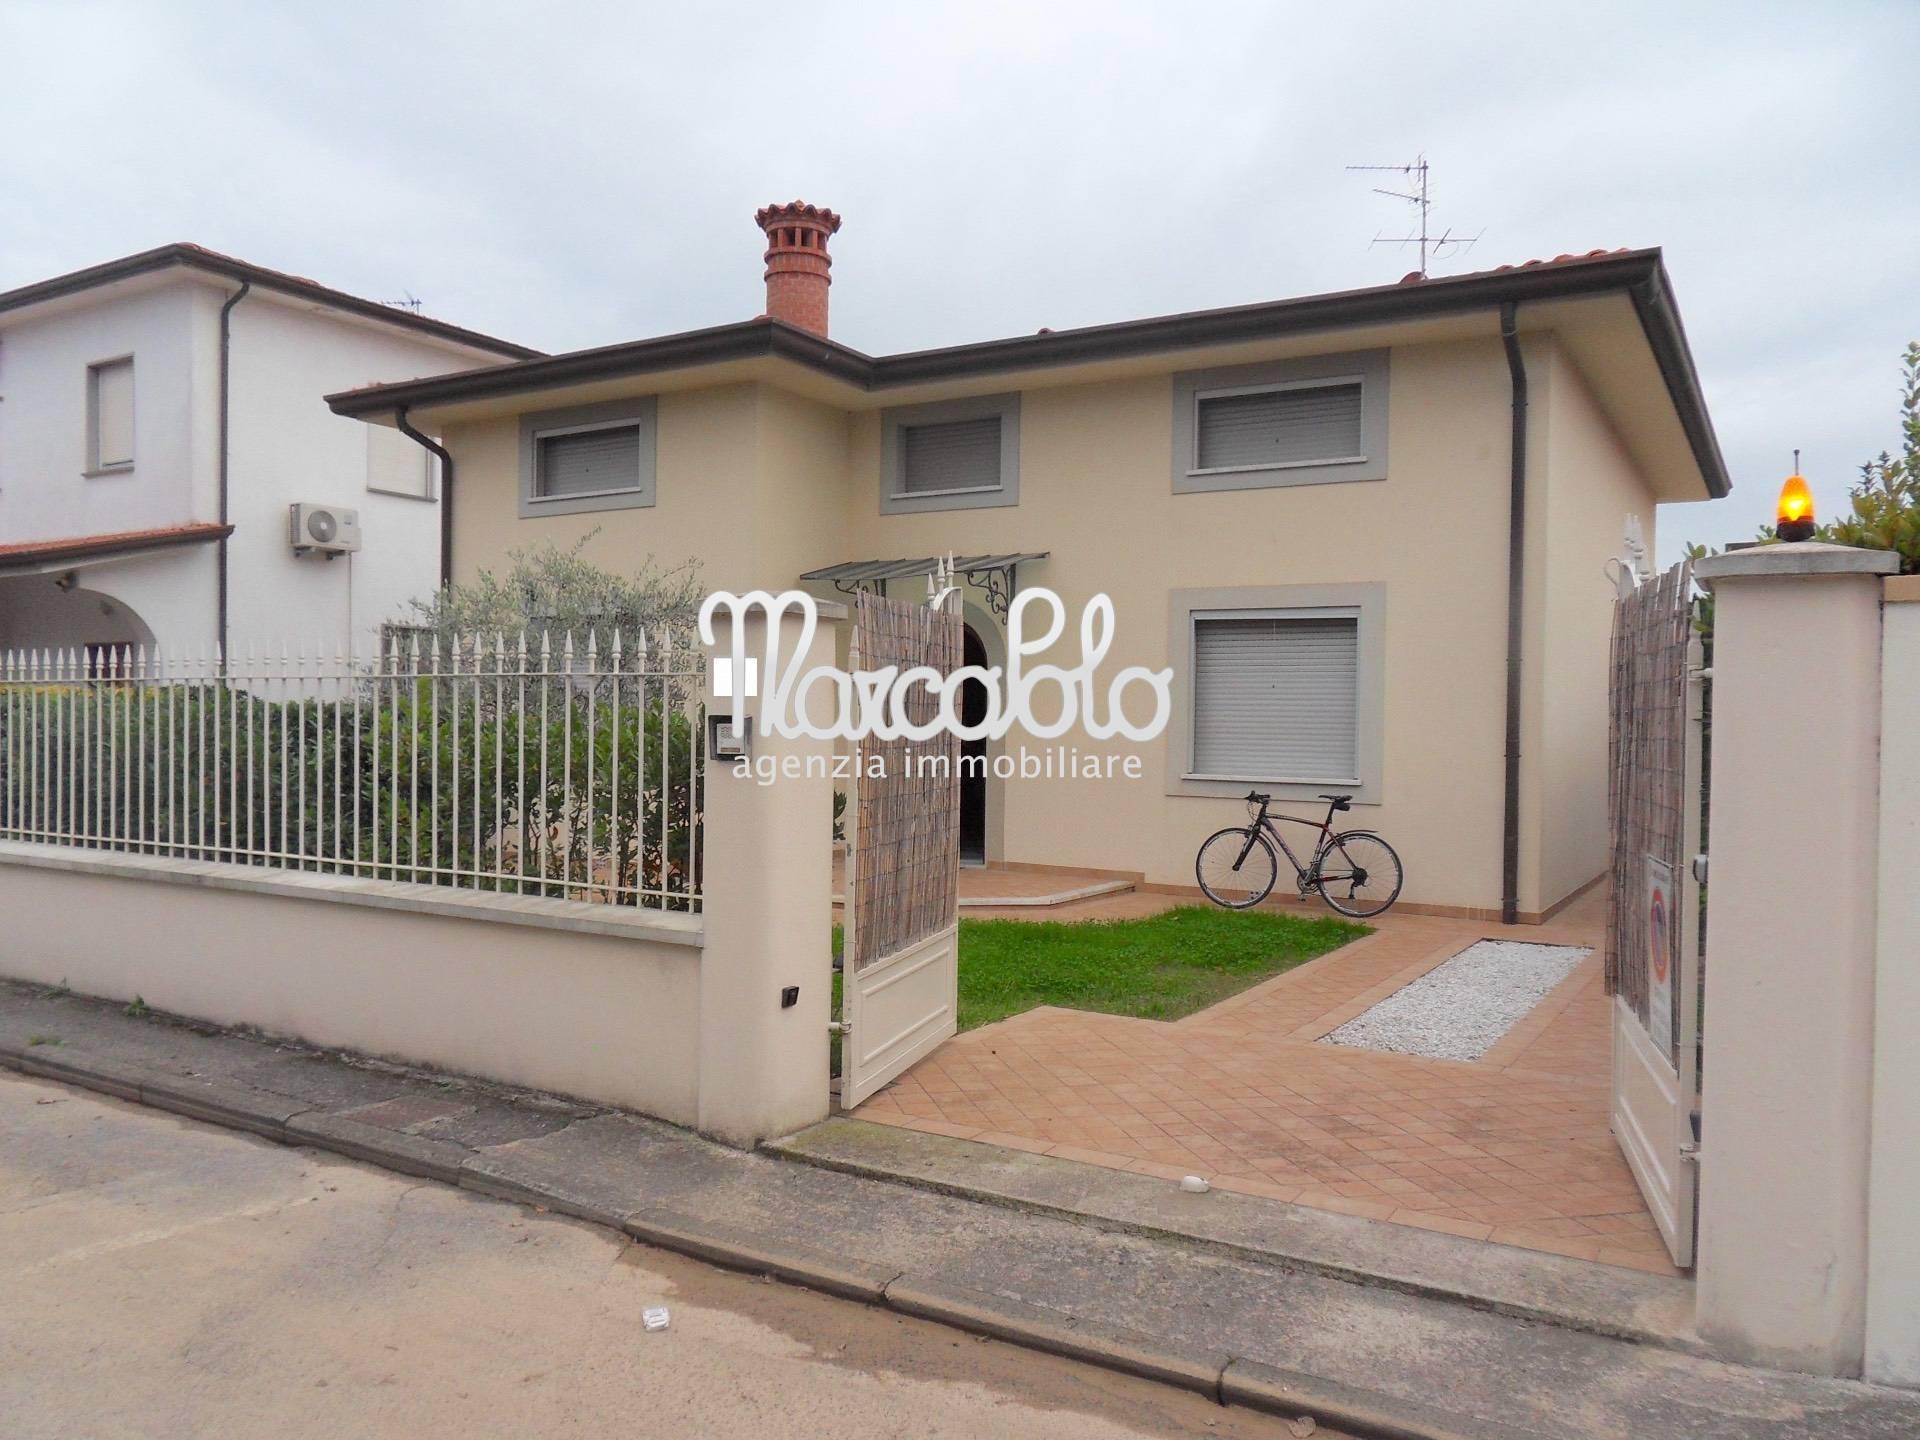 Villa in affitto a Camaiore, 7 locali, zona Località: LidodiCamaiore, Trattative riservate | Cambio Casa.it